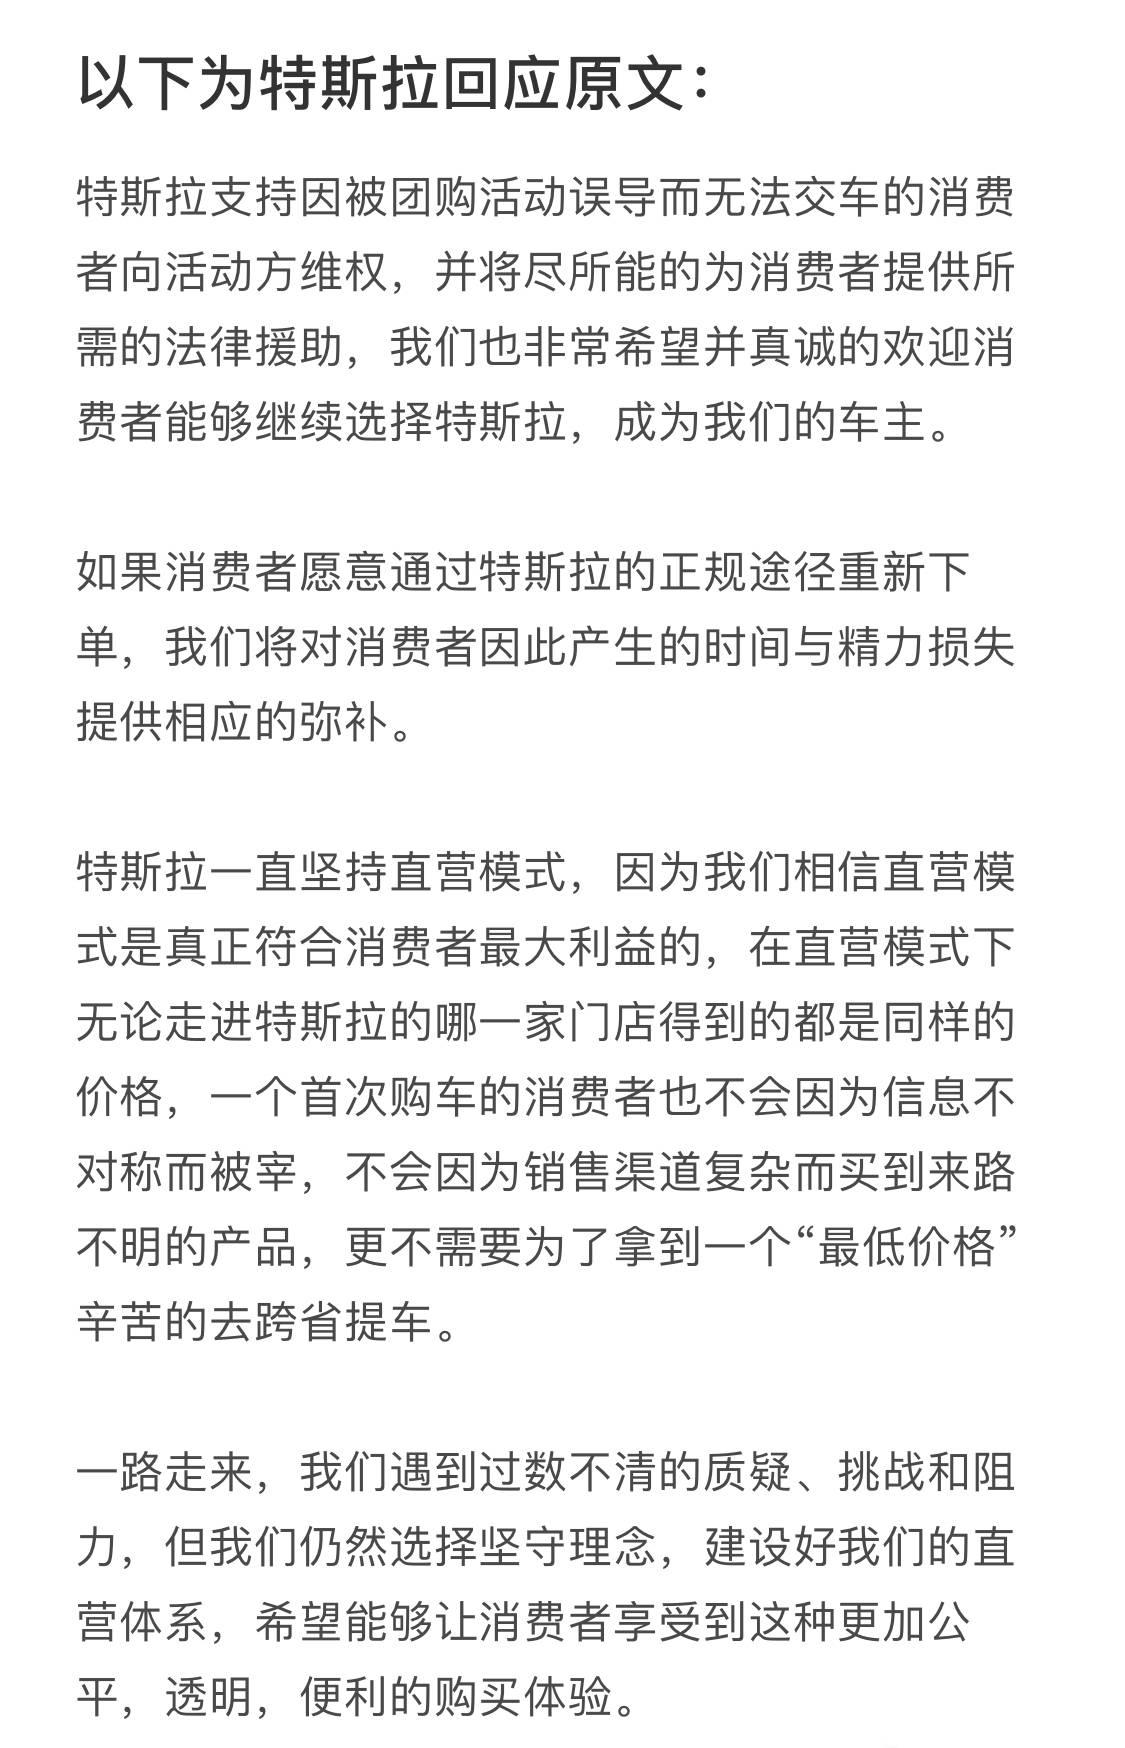 【特斯拉:团购车主起诉拼多多特斯拉将提供法律援助】